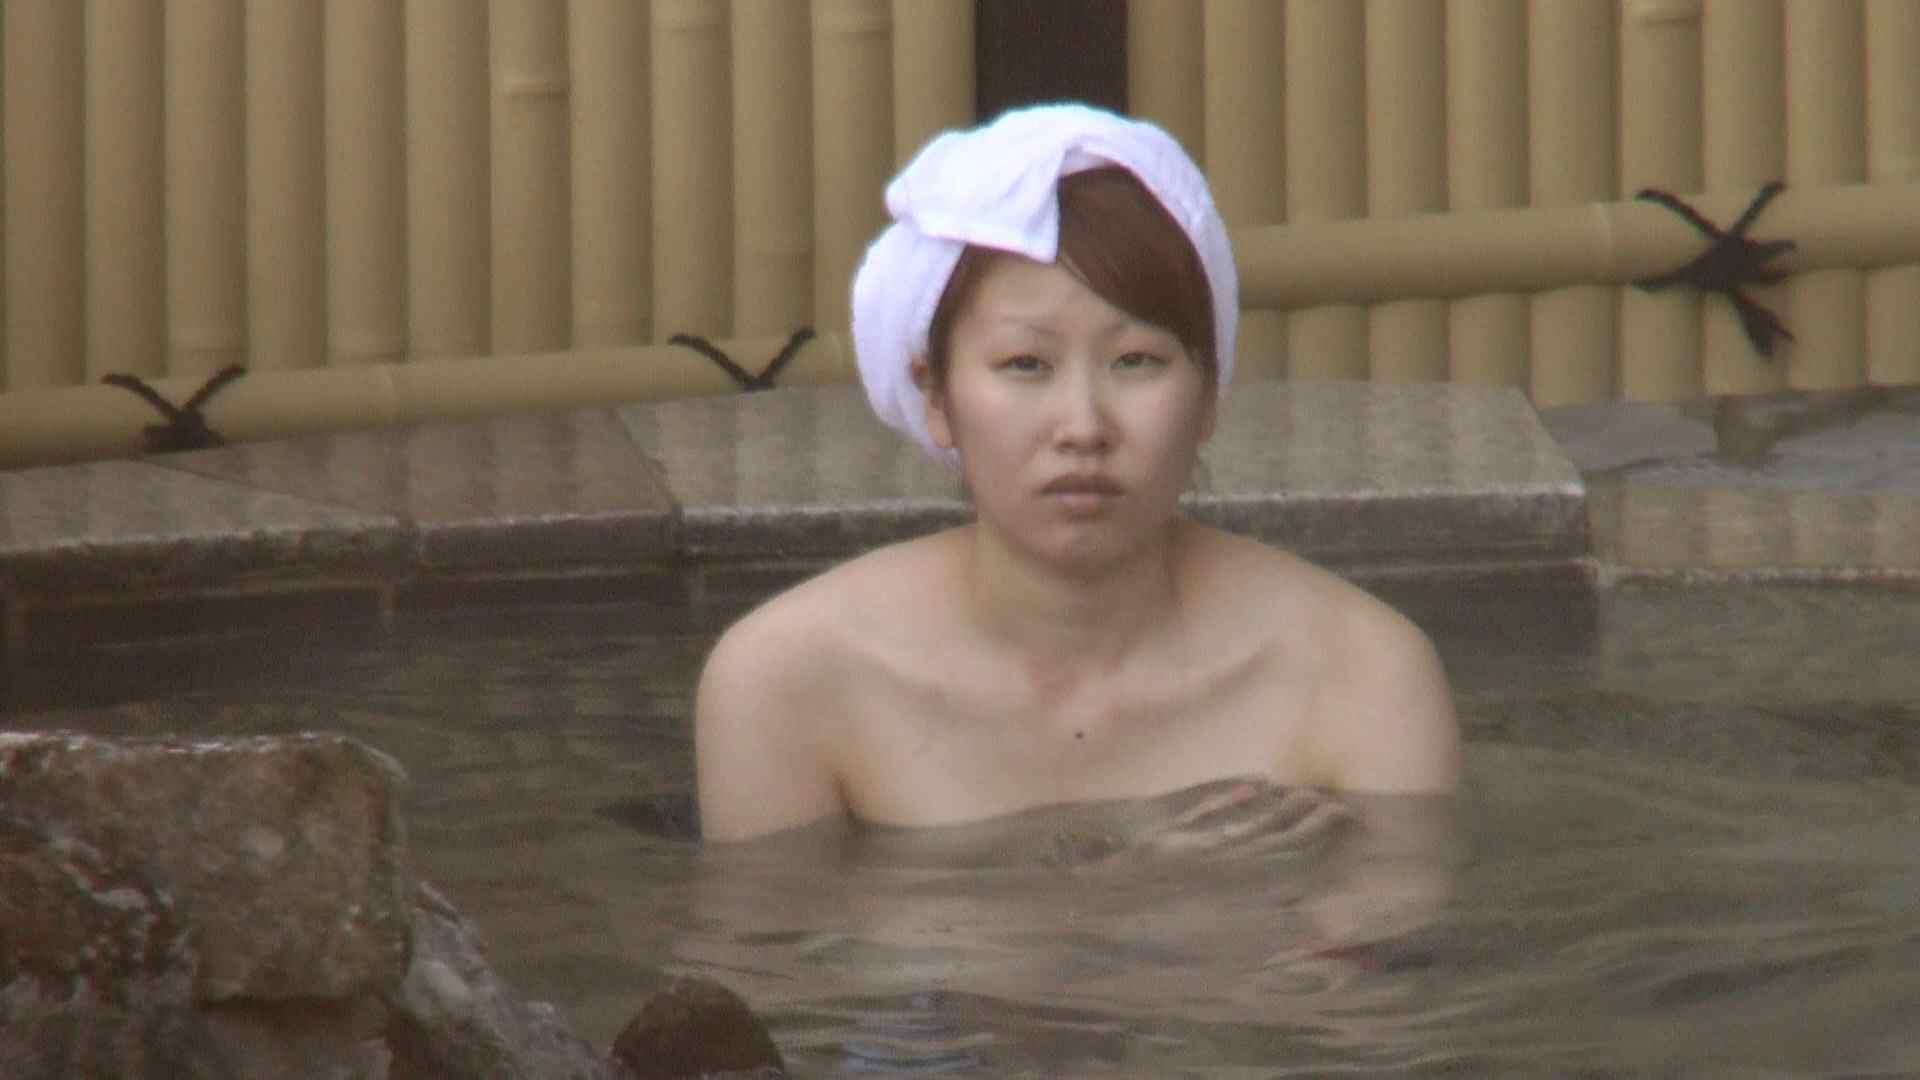 Aquaな露天風呂Vol.210 OLのエロ生活 | 盗撮  83連発 25